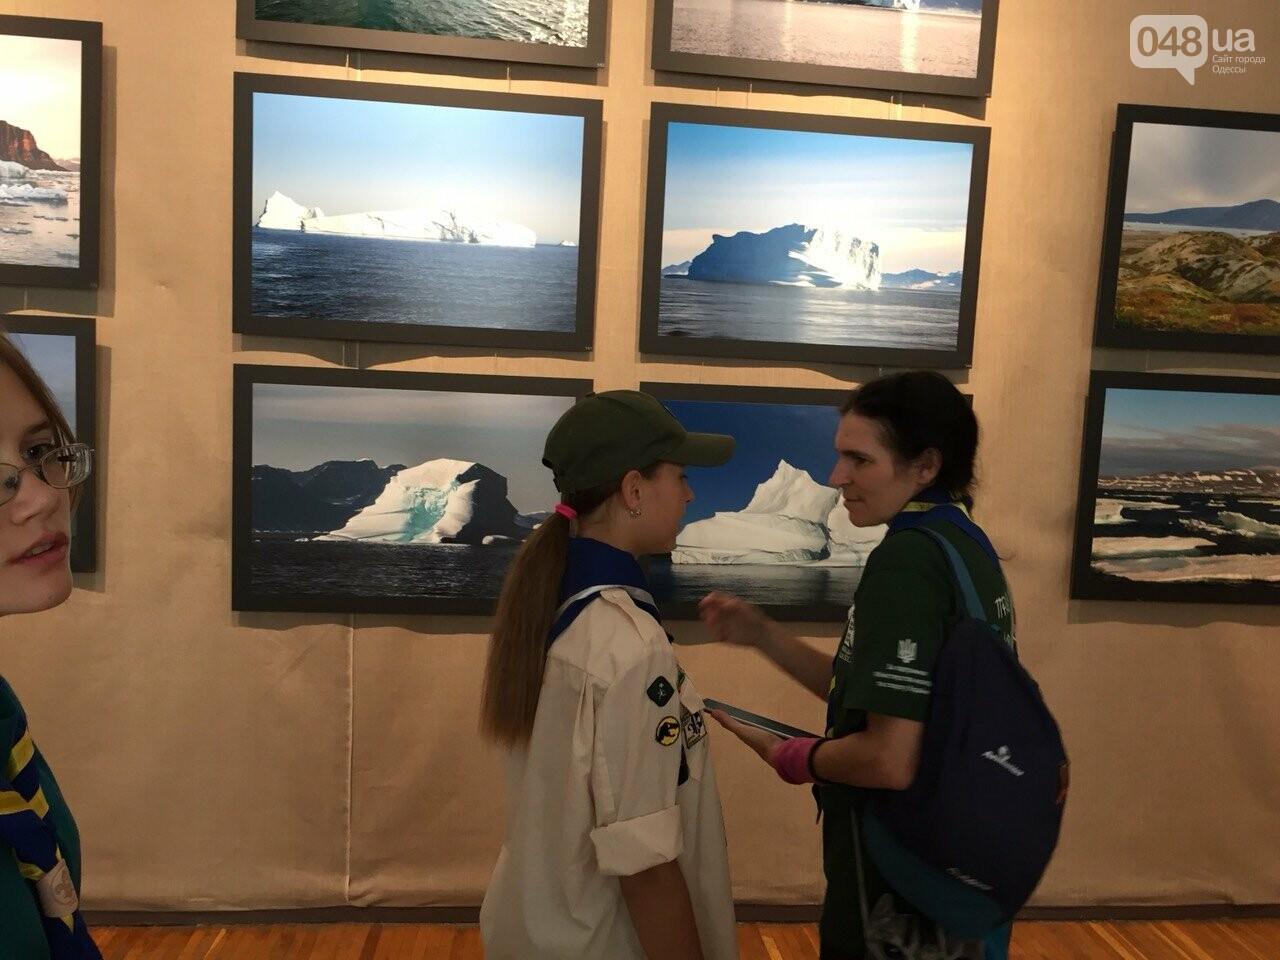 Арктическая сага: На фотовыставке в Одессе можно помочь детям, - ФОТО, ВИДЕО, фото-2